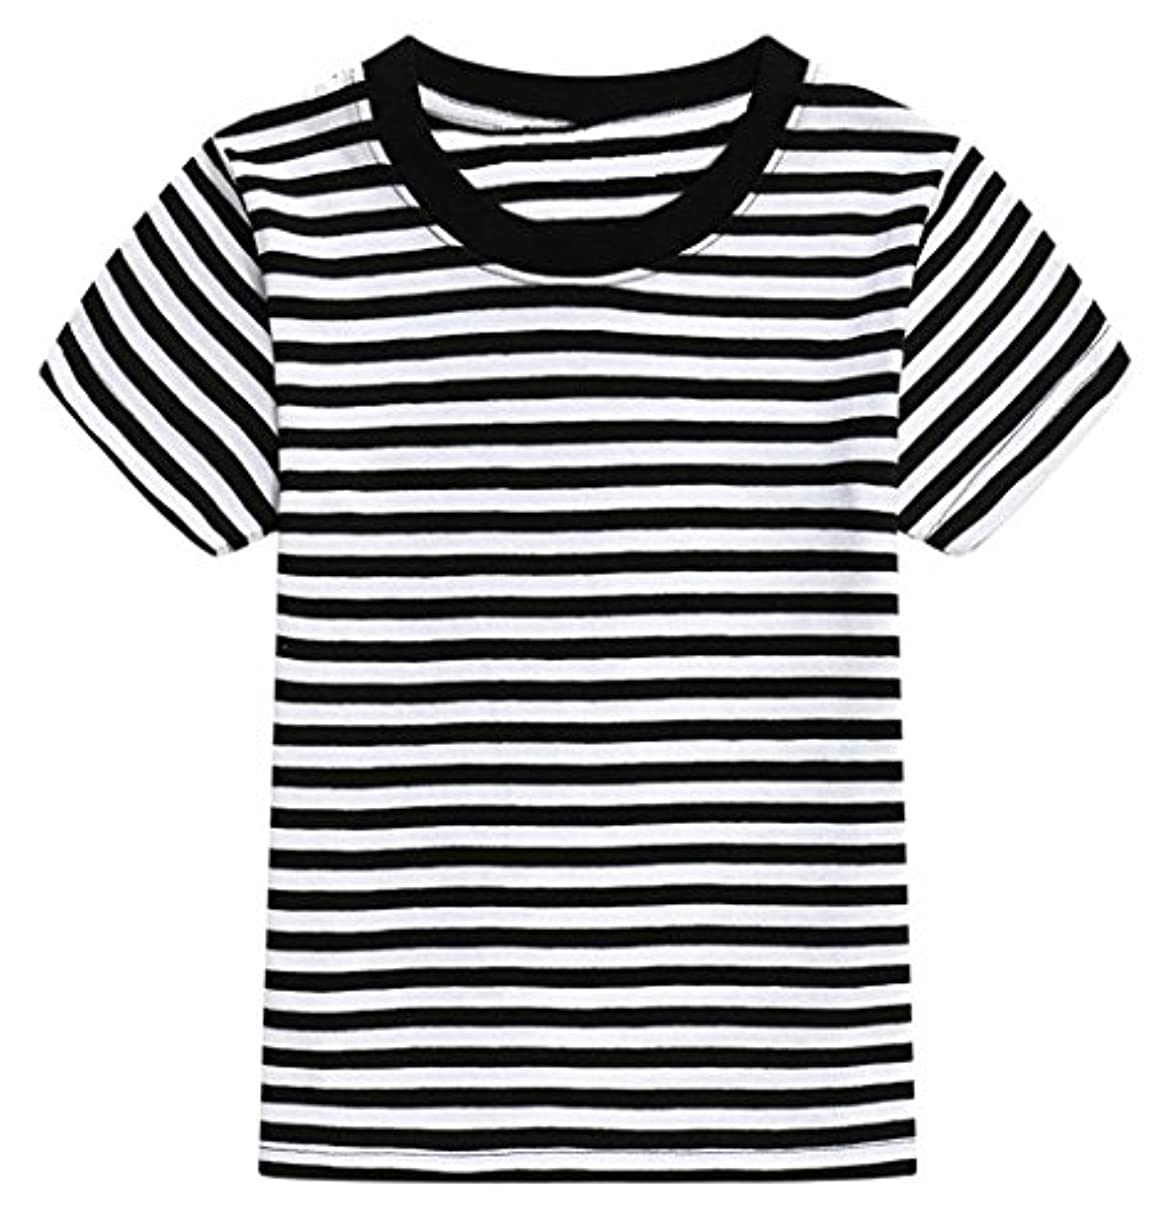 電卓ご近所滑り台Plus Nao(プラスナオ) Tシャツ 半袖 ラウンドネック ボーダー柄 子供用 トップス カットソー カジュアル 吸湿性 吸汗性 おしゃれ 男の子 女